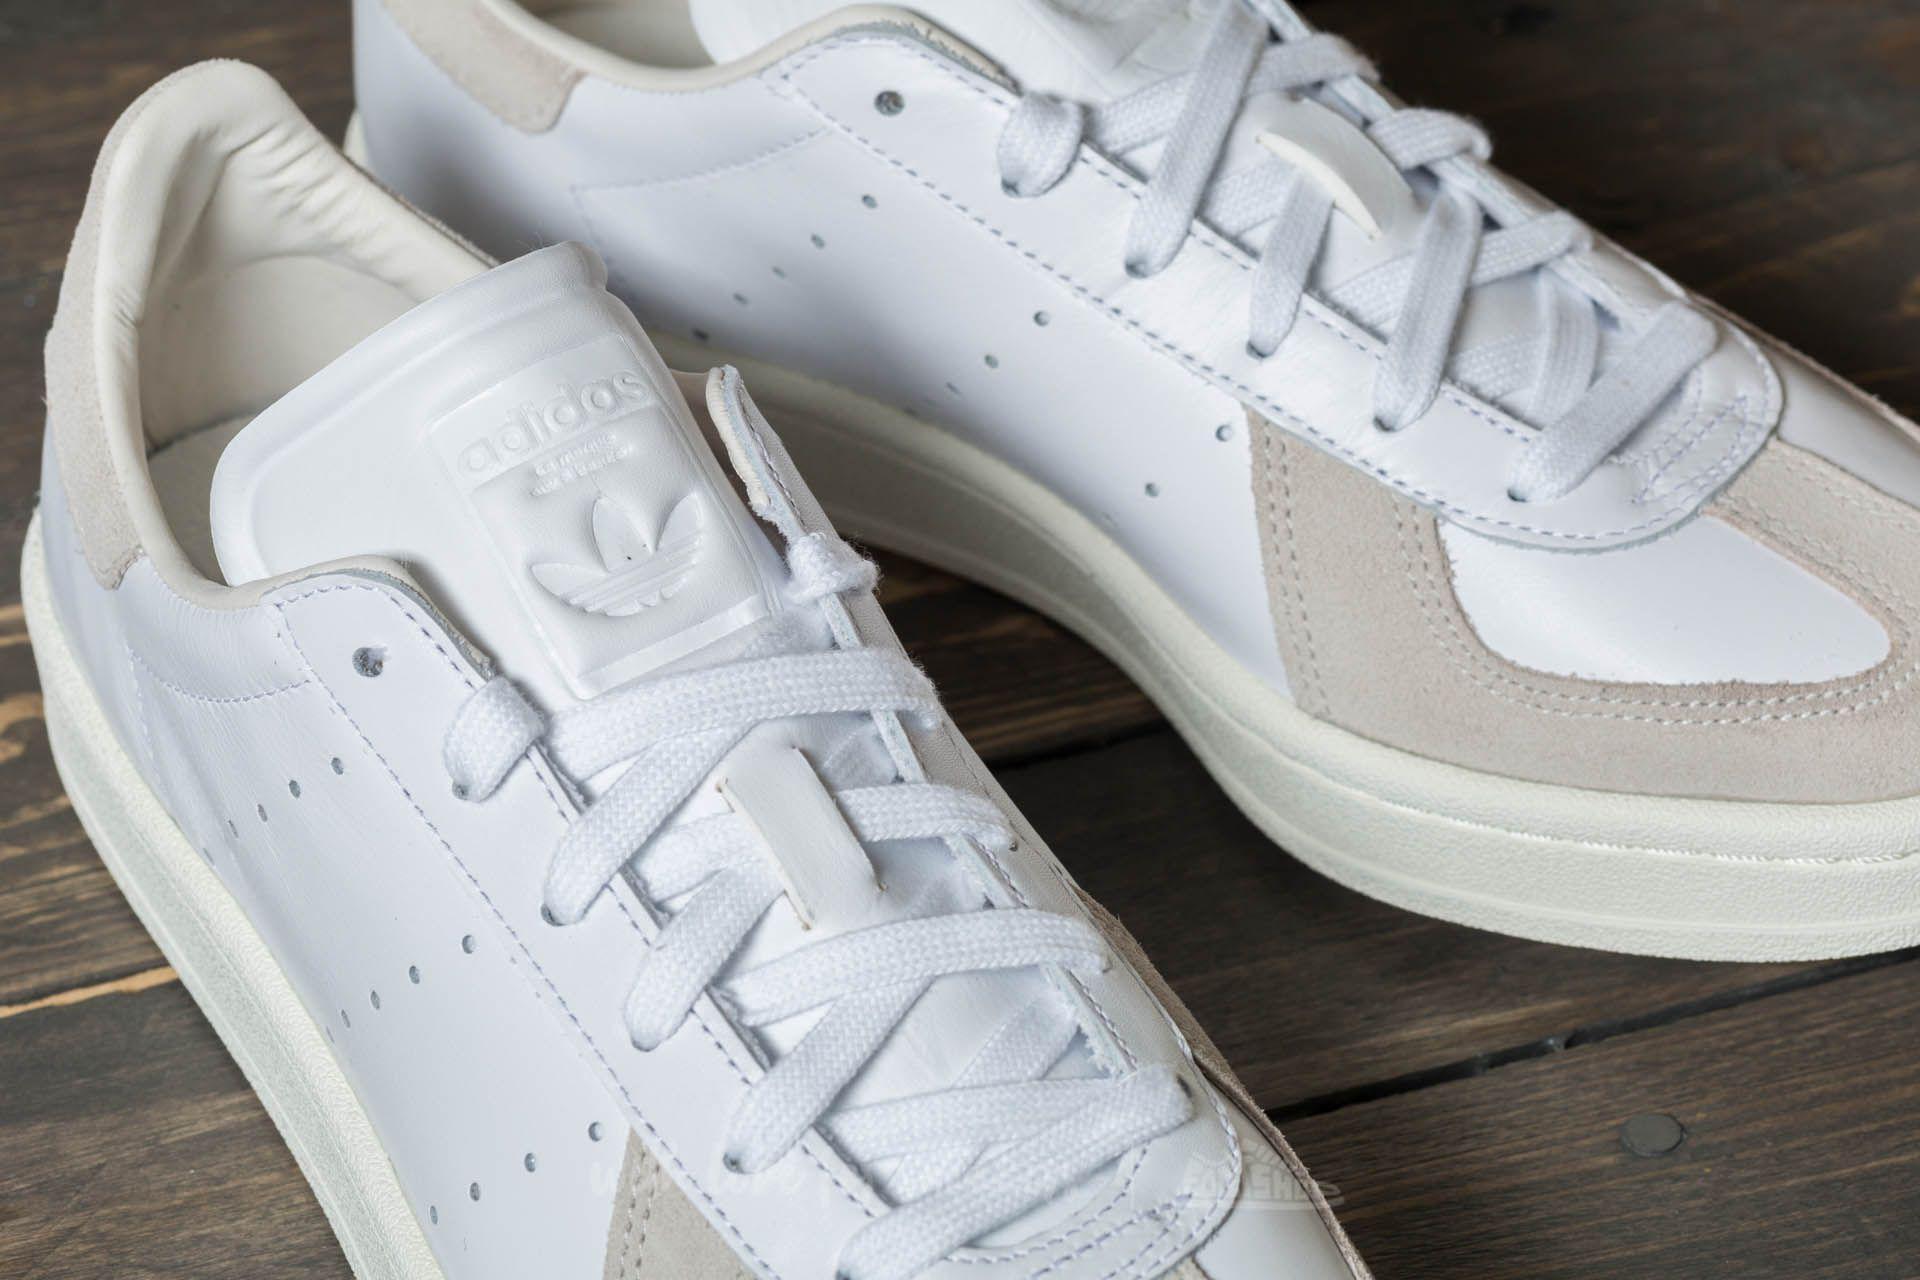 lyst adidas originali adidas pc avenue calzature bianche / calzature